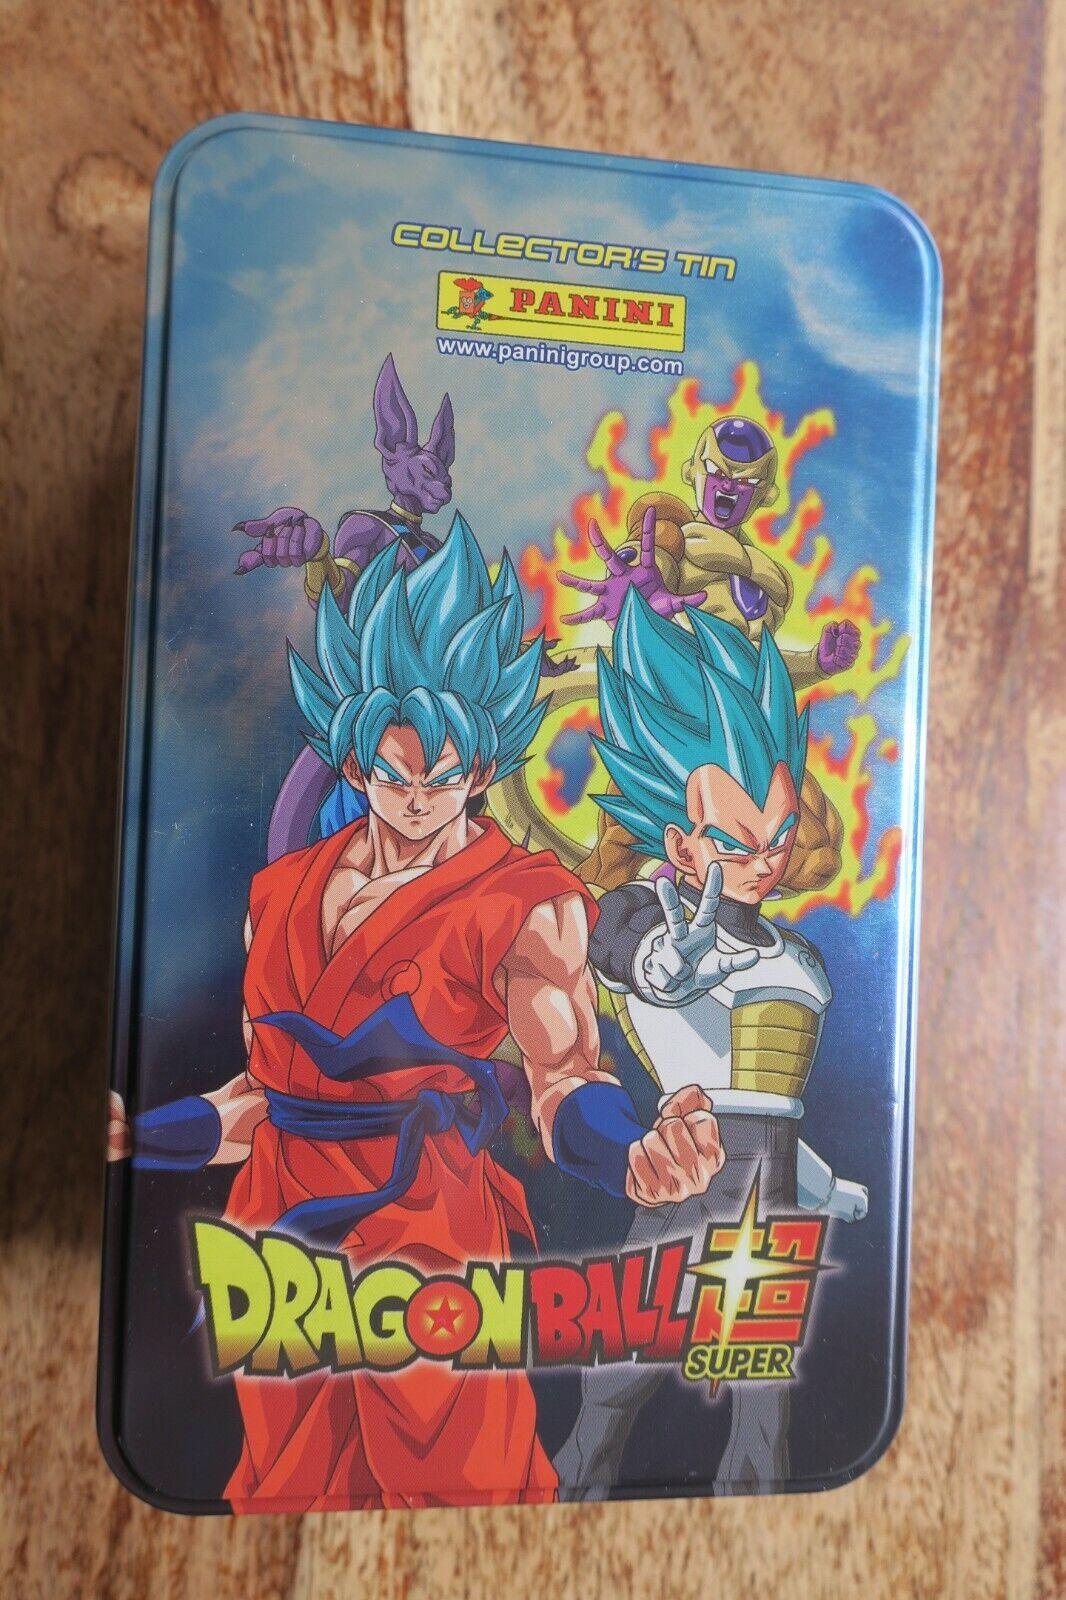 Dragon Ball Super - COLLECTOR'S Tin Panini Adesivi Scatola in in in Metallo b68ae1